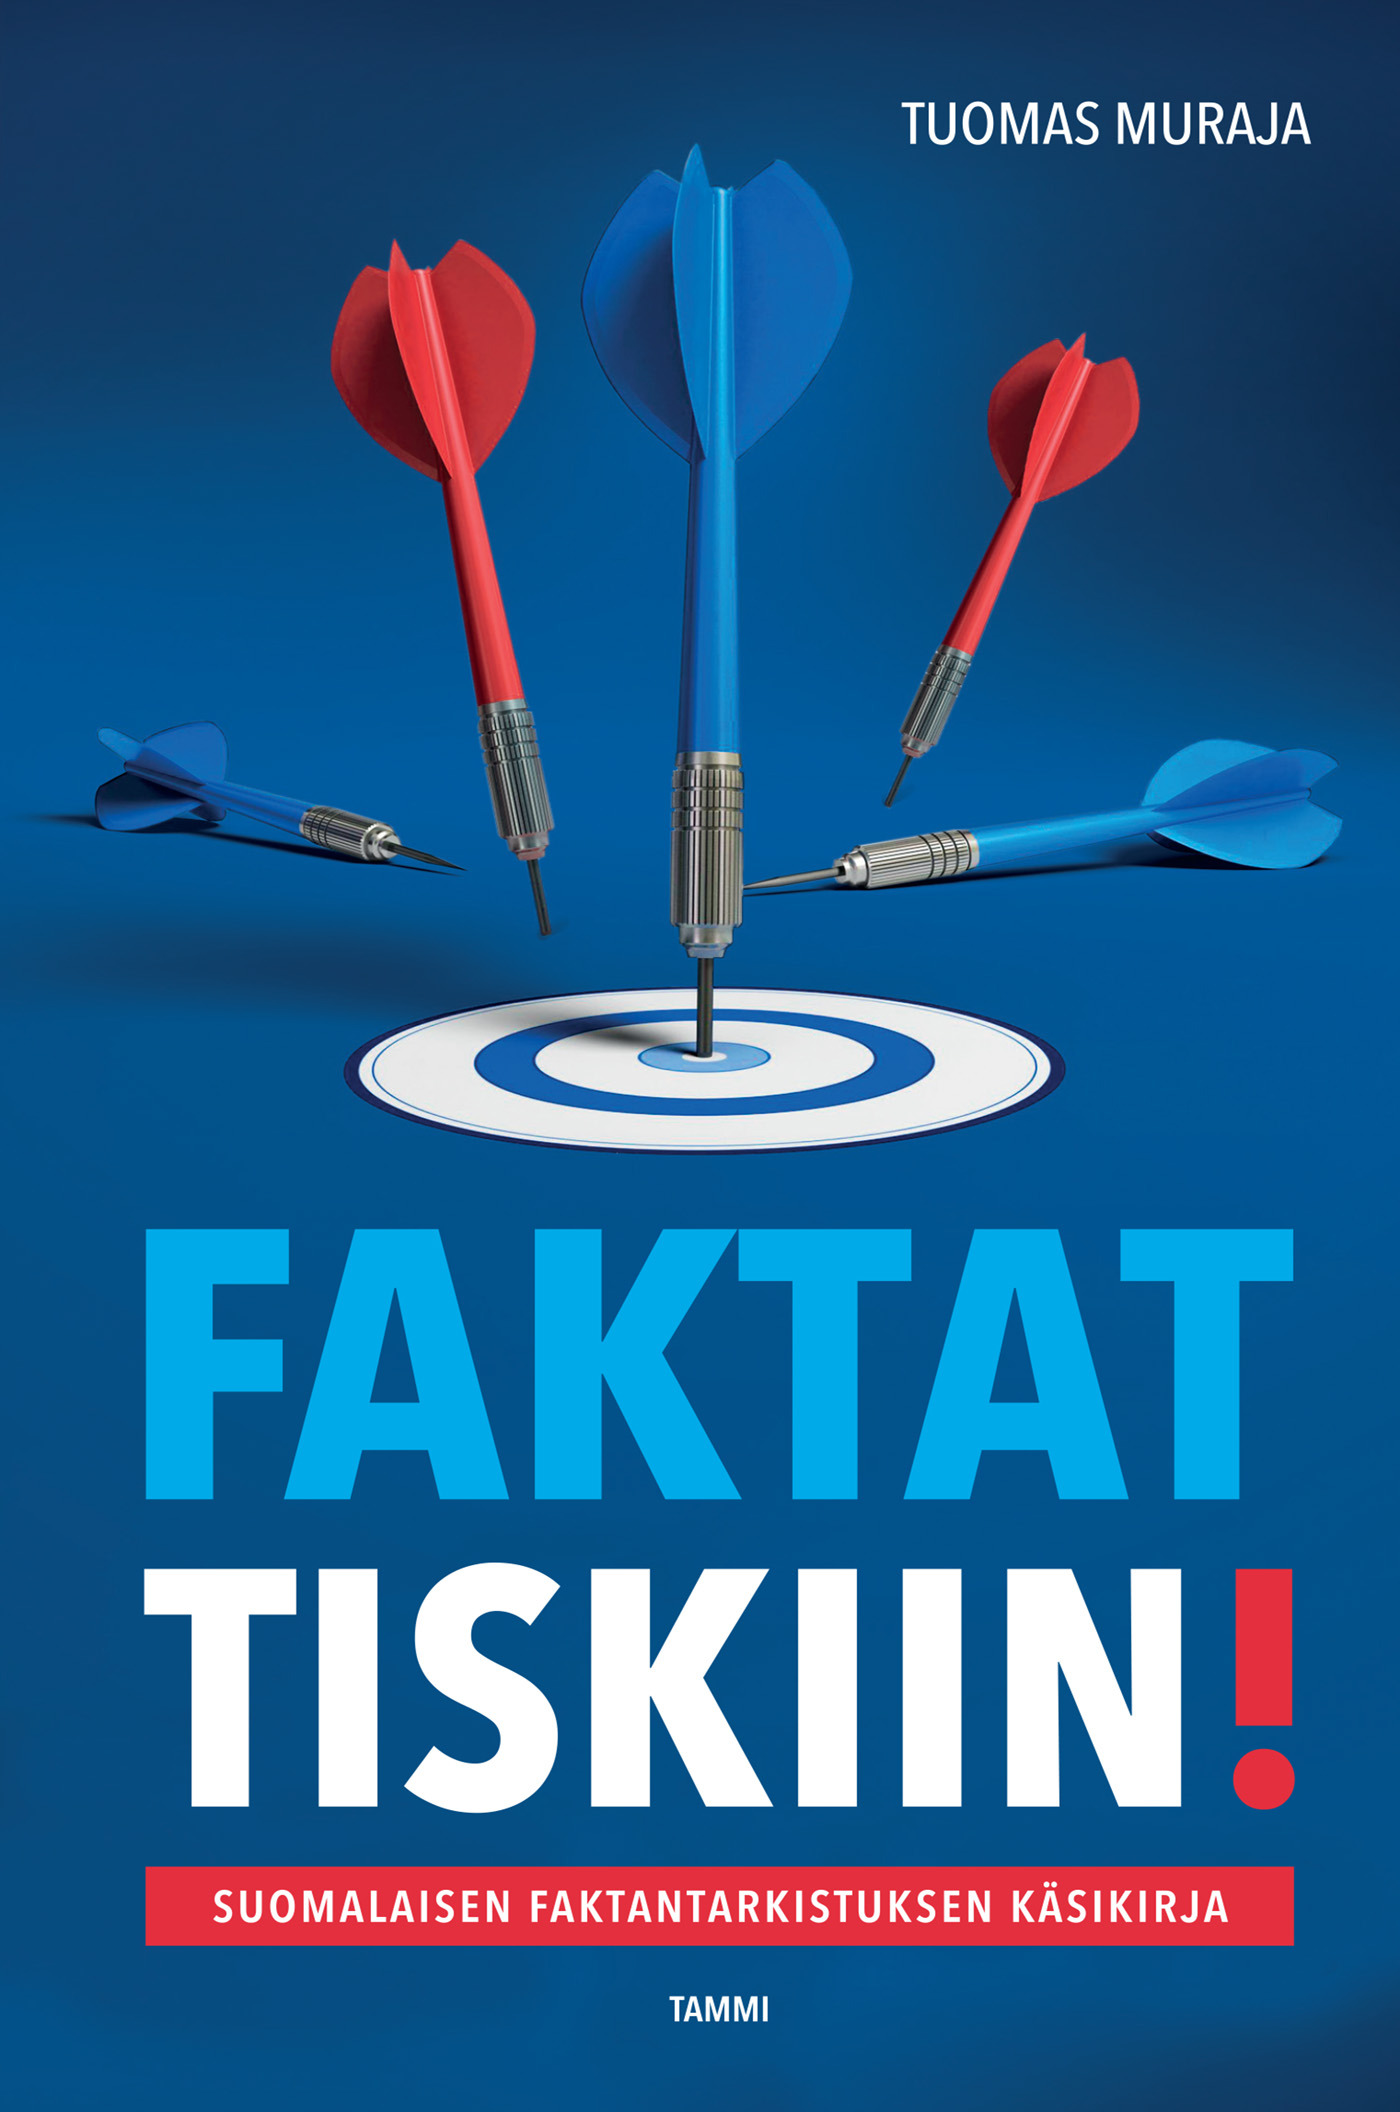 Muraja, Tuomas - Faktat tiskiin!: Suomalaisen faktantarkistuksen käsikirja, e-kirja